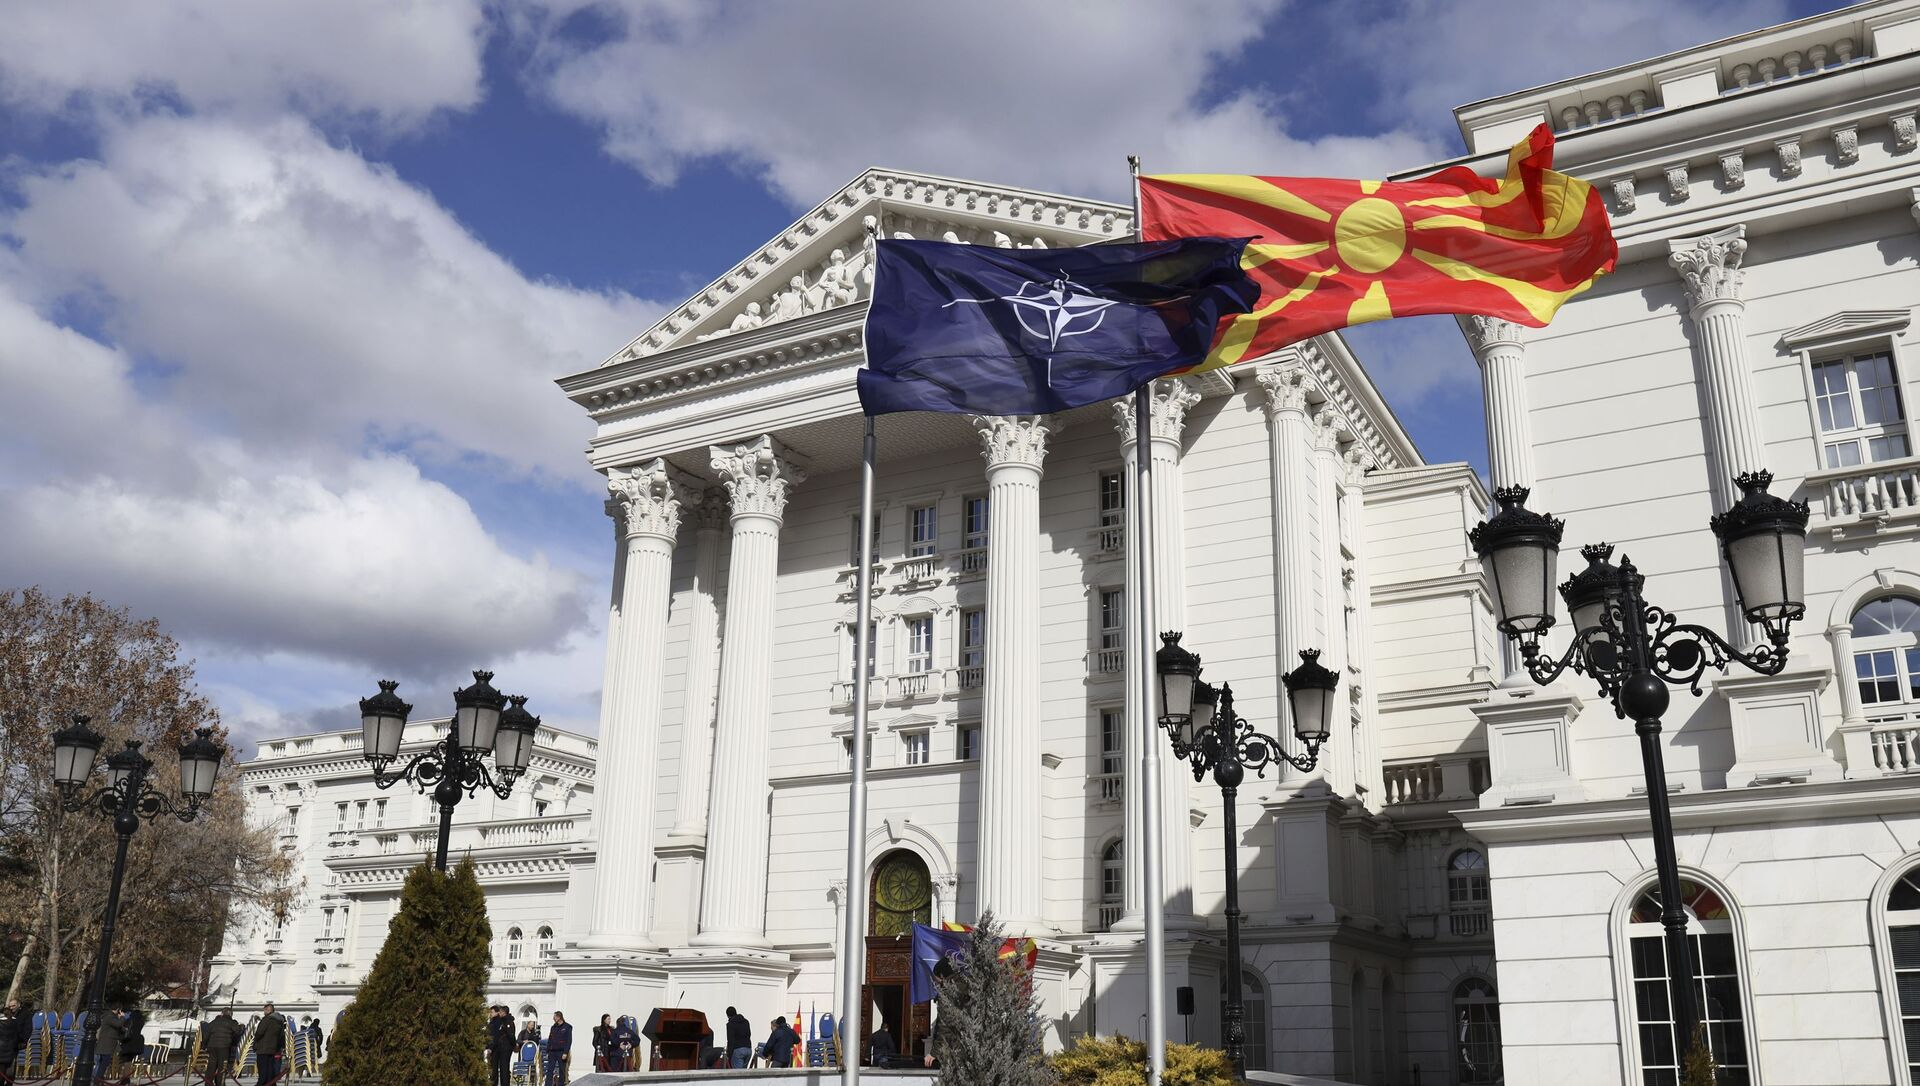 Flagi Macedonii i NATO przed budynkiem rządowym w Skopje - Sputnik Polska, 1920, 21.02.2021